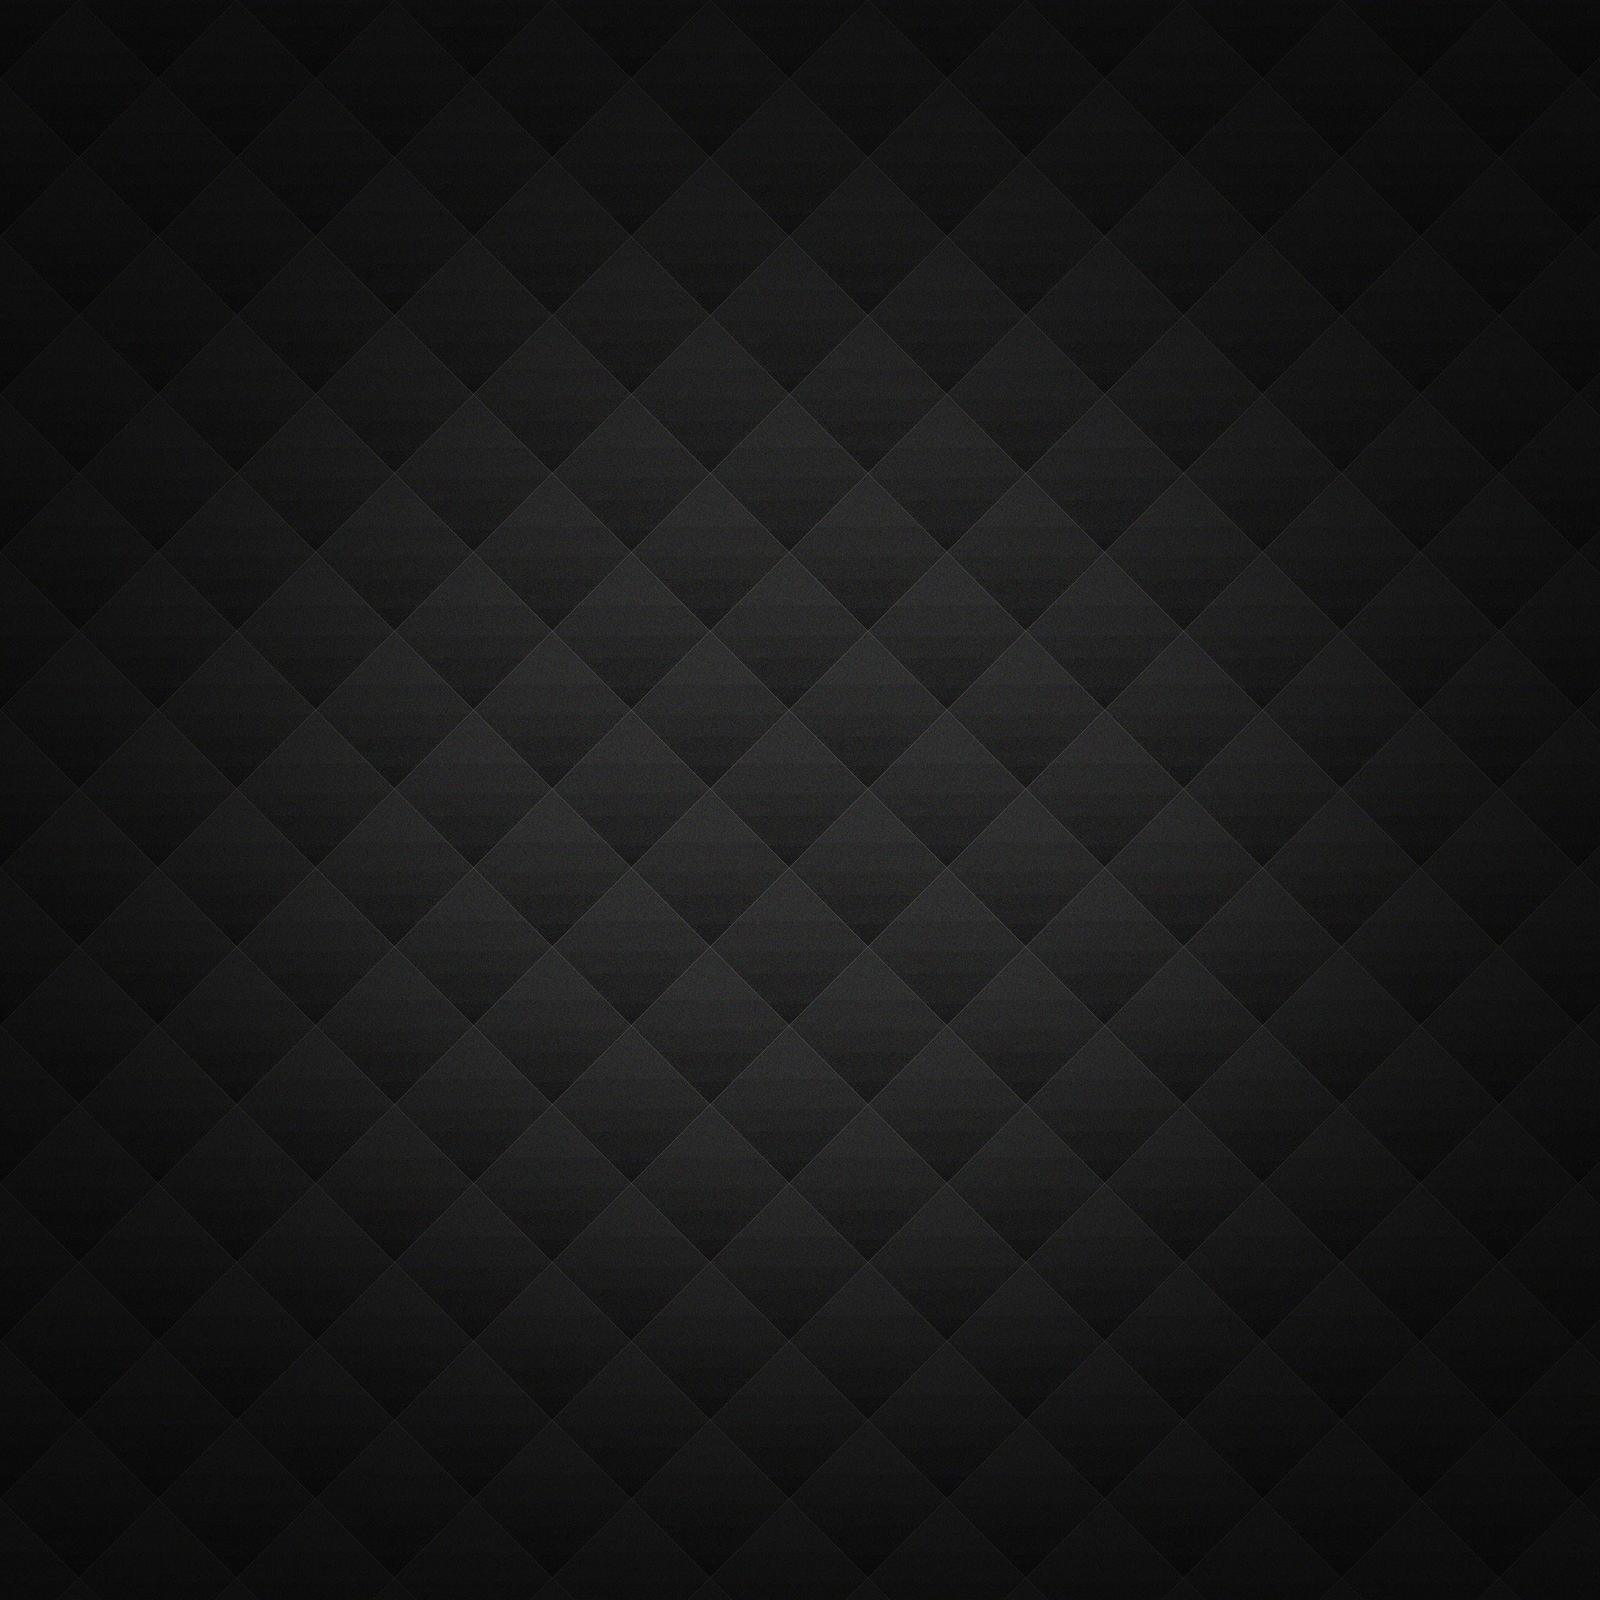 iPad-3-Wallpaper-Pattern-051